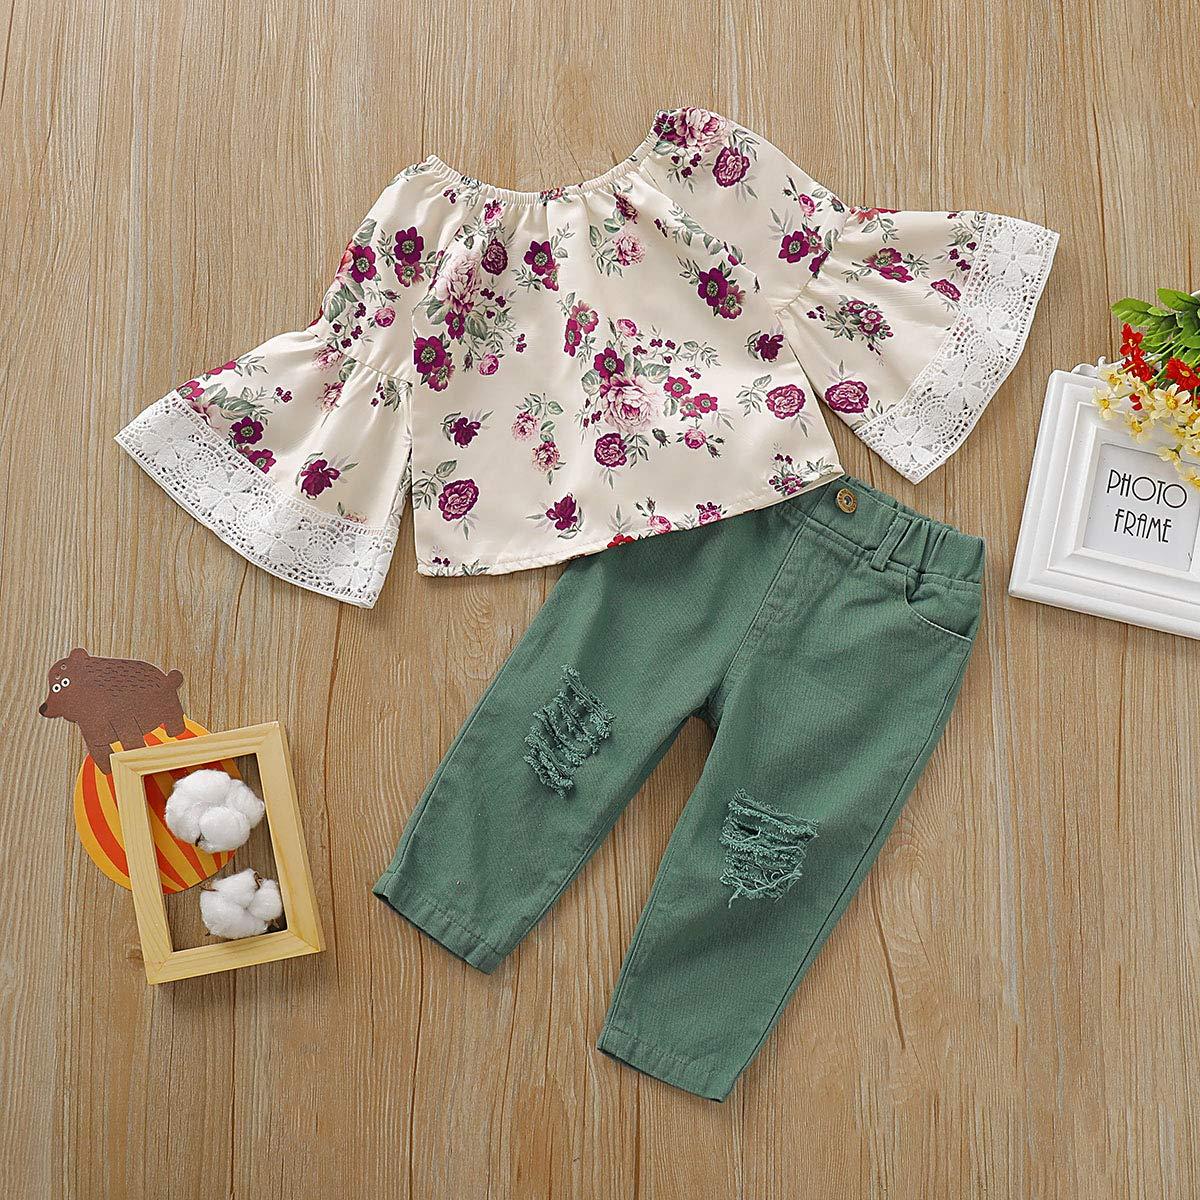 Ninas De Hasta 24 Meses Mengying Conjunto De Campanas De Encaje Para Ninas Y Ninas Con Camisa Floral Y Pantalones Ajustados Bebe Lekabobgrill Com